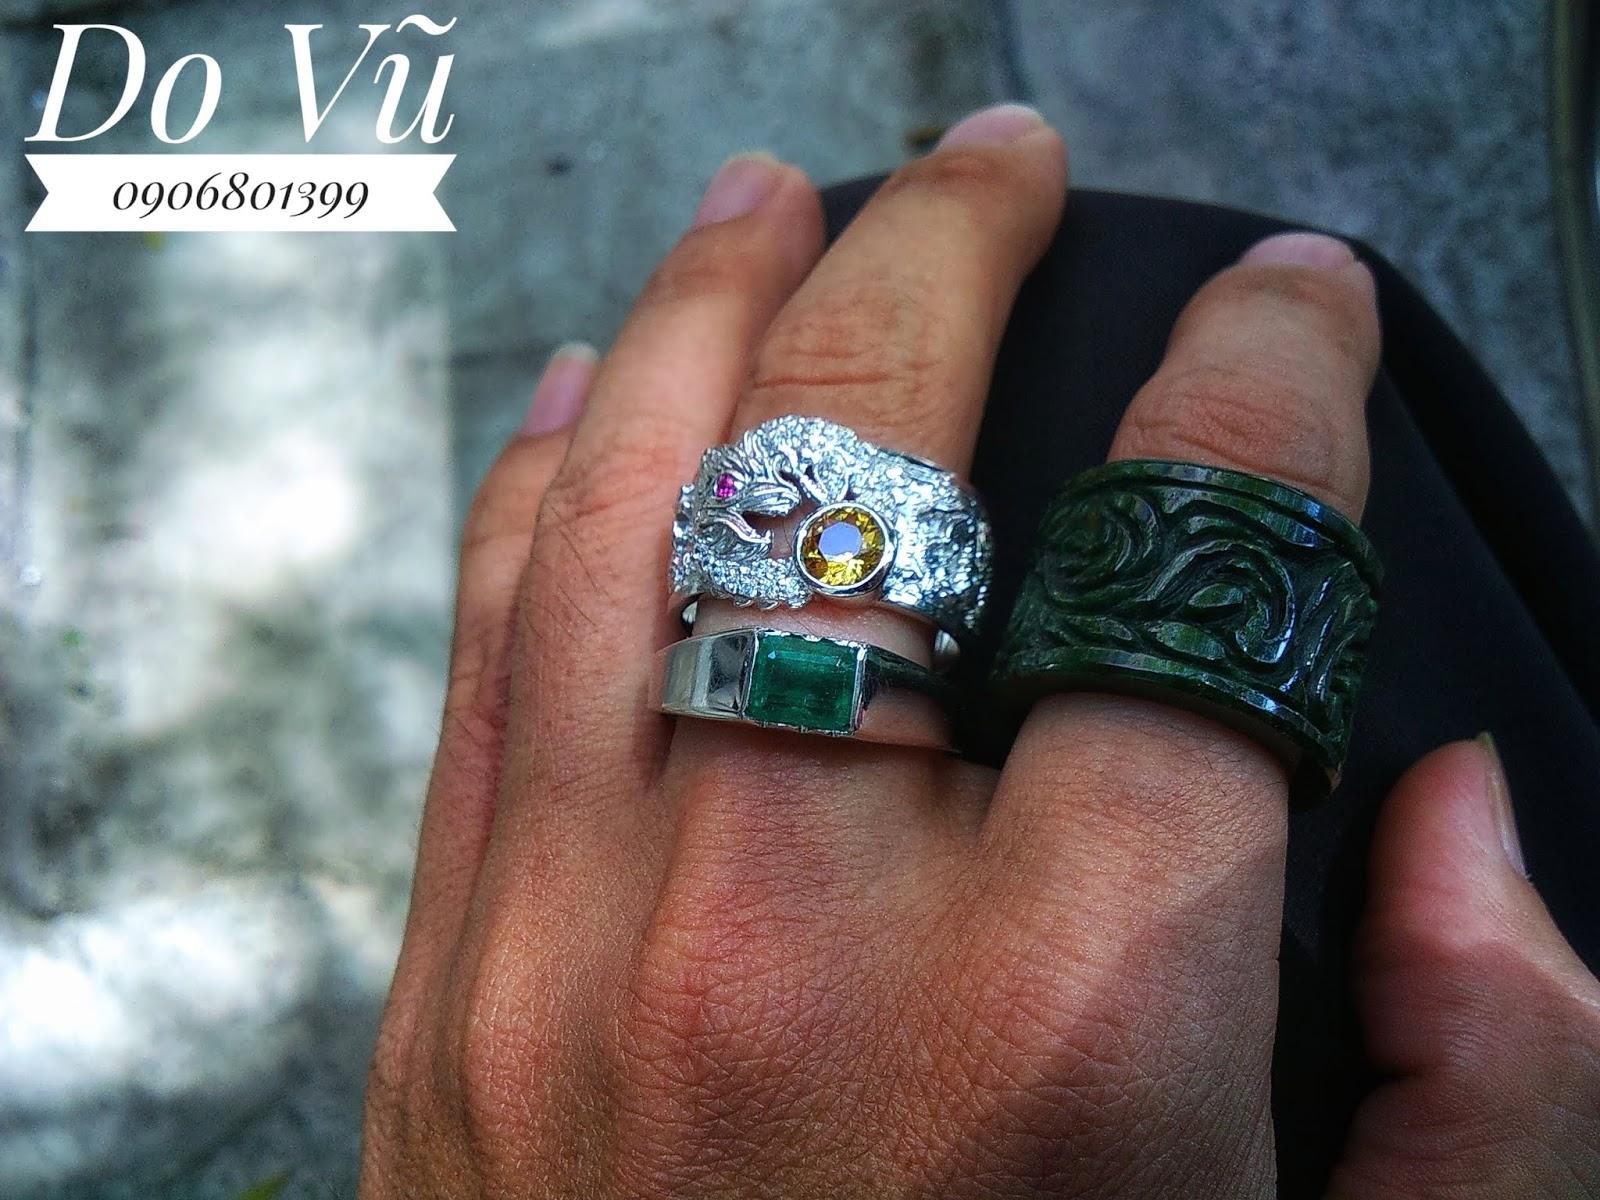 Nhẫn nam bạc 925 xi vàng trắng, đá quý thiên nhiên ( 15/04/20, 04)